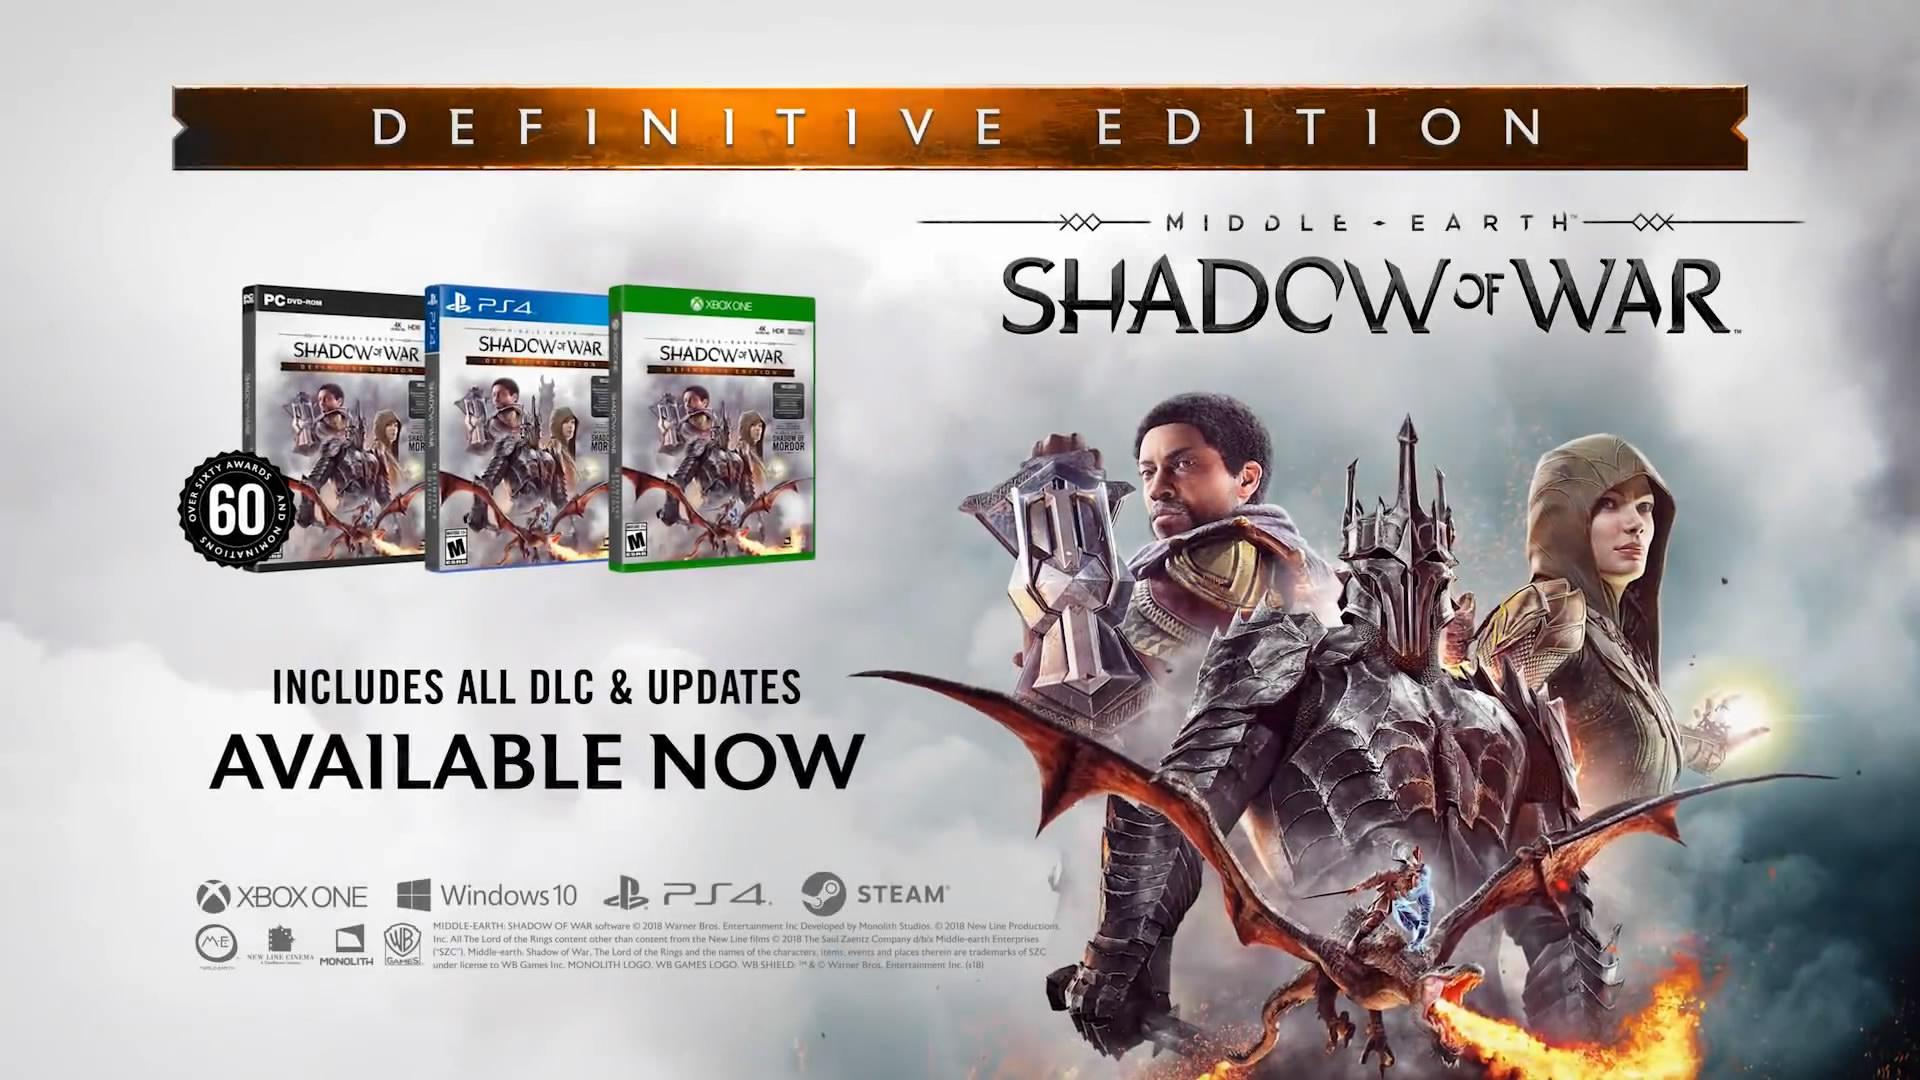 《中土世界:战争之影》终极版含全部DLC 售价163元